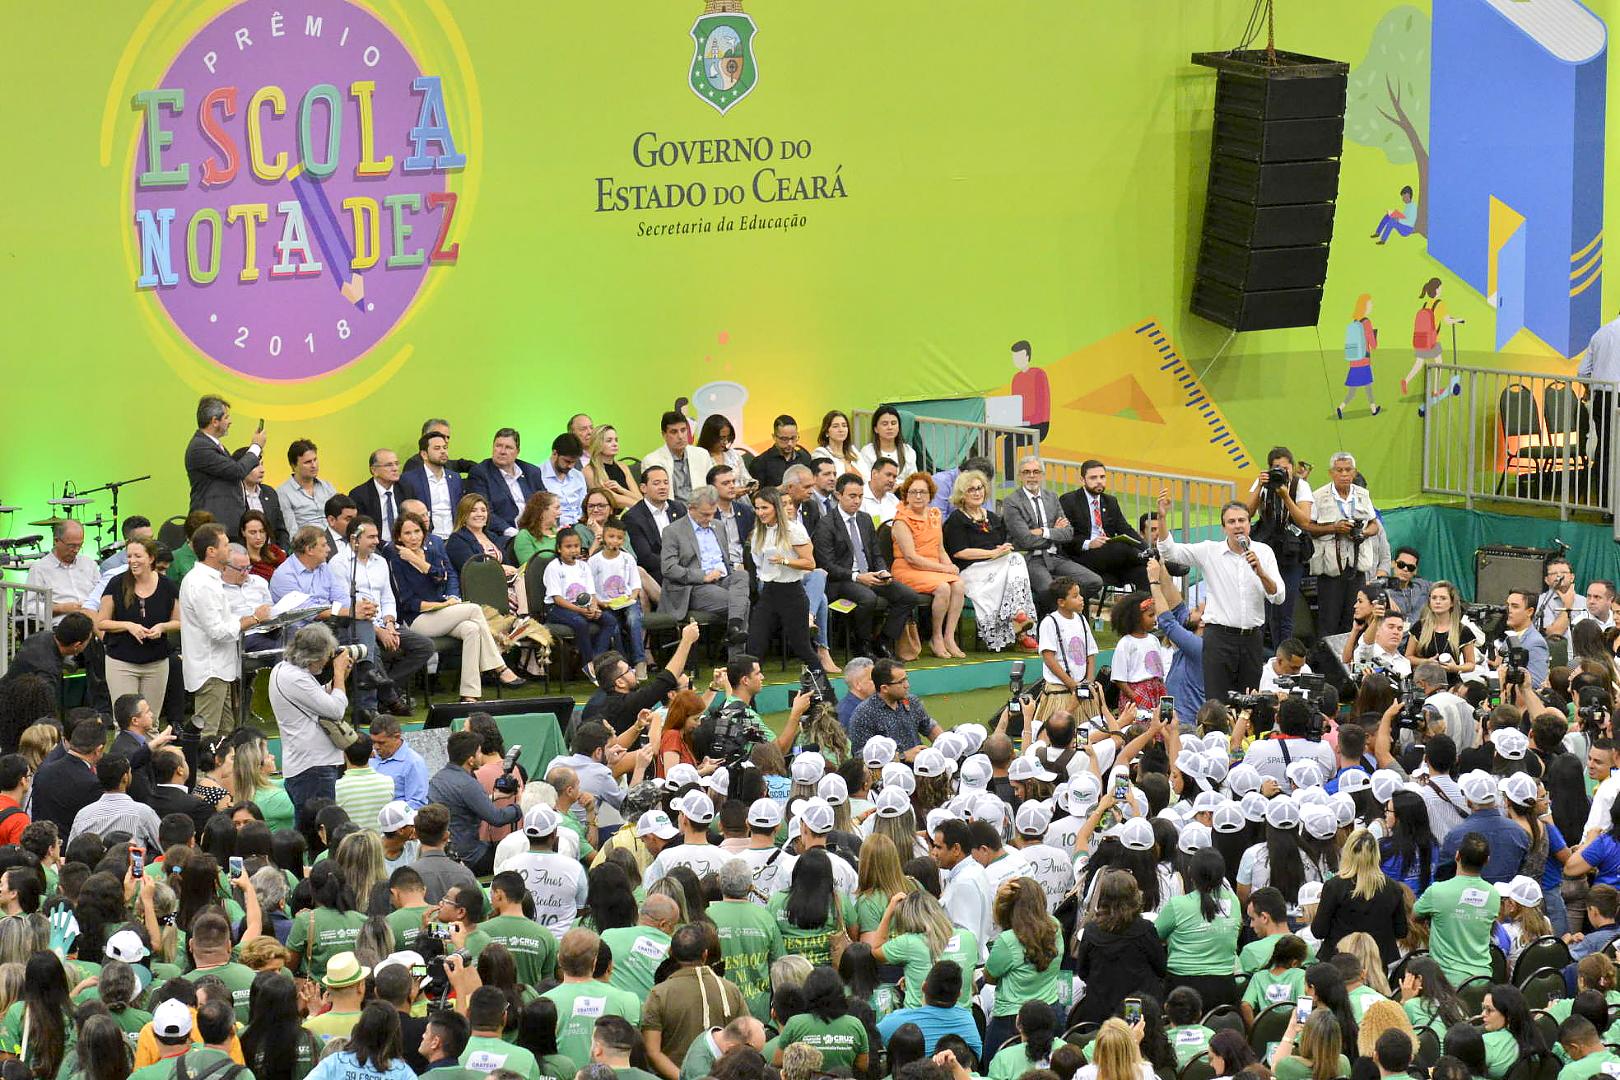 Com os melhores resultados da educação na história, 182 municípios cearenses recebem Prêmio Escola Nota Dez